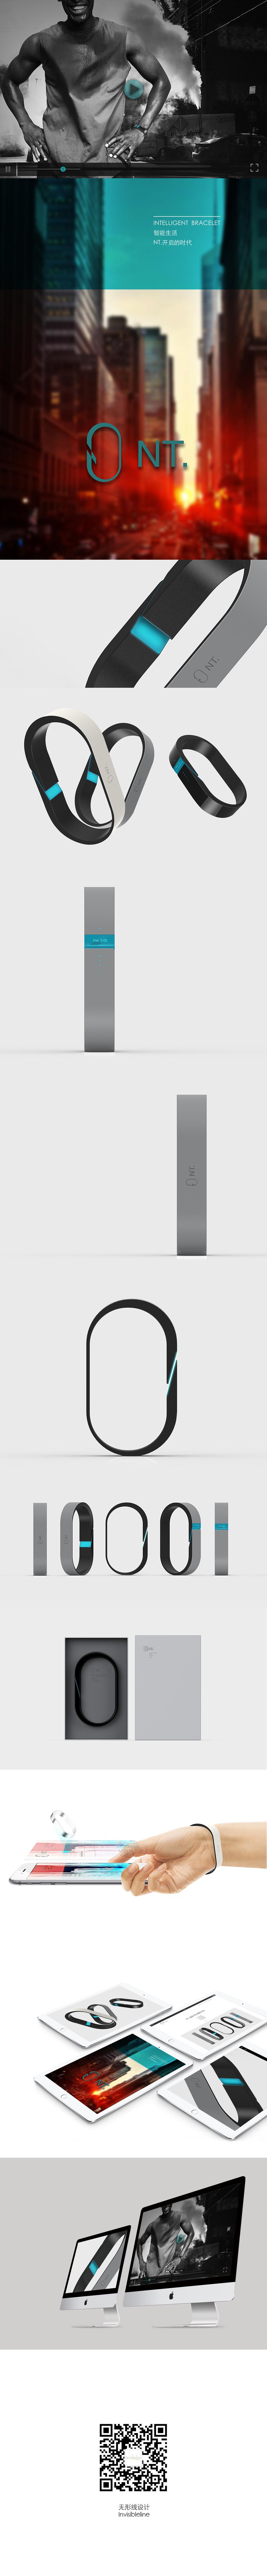 智能手环设计|电子产品|工业/产品|lexichai